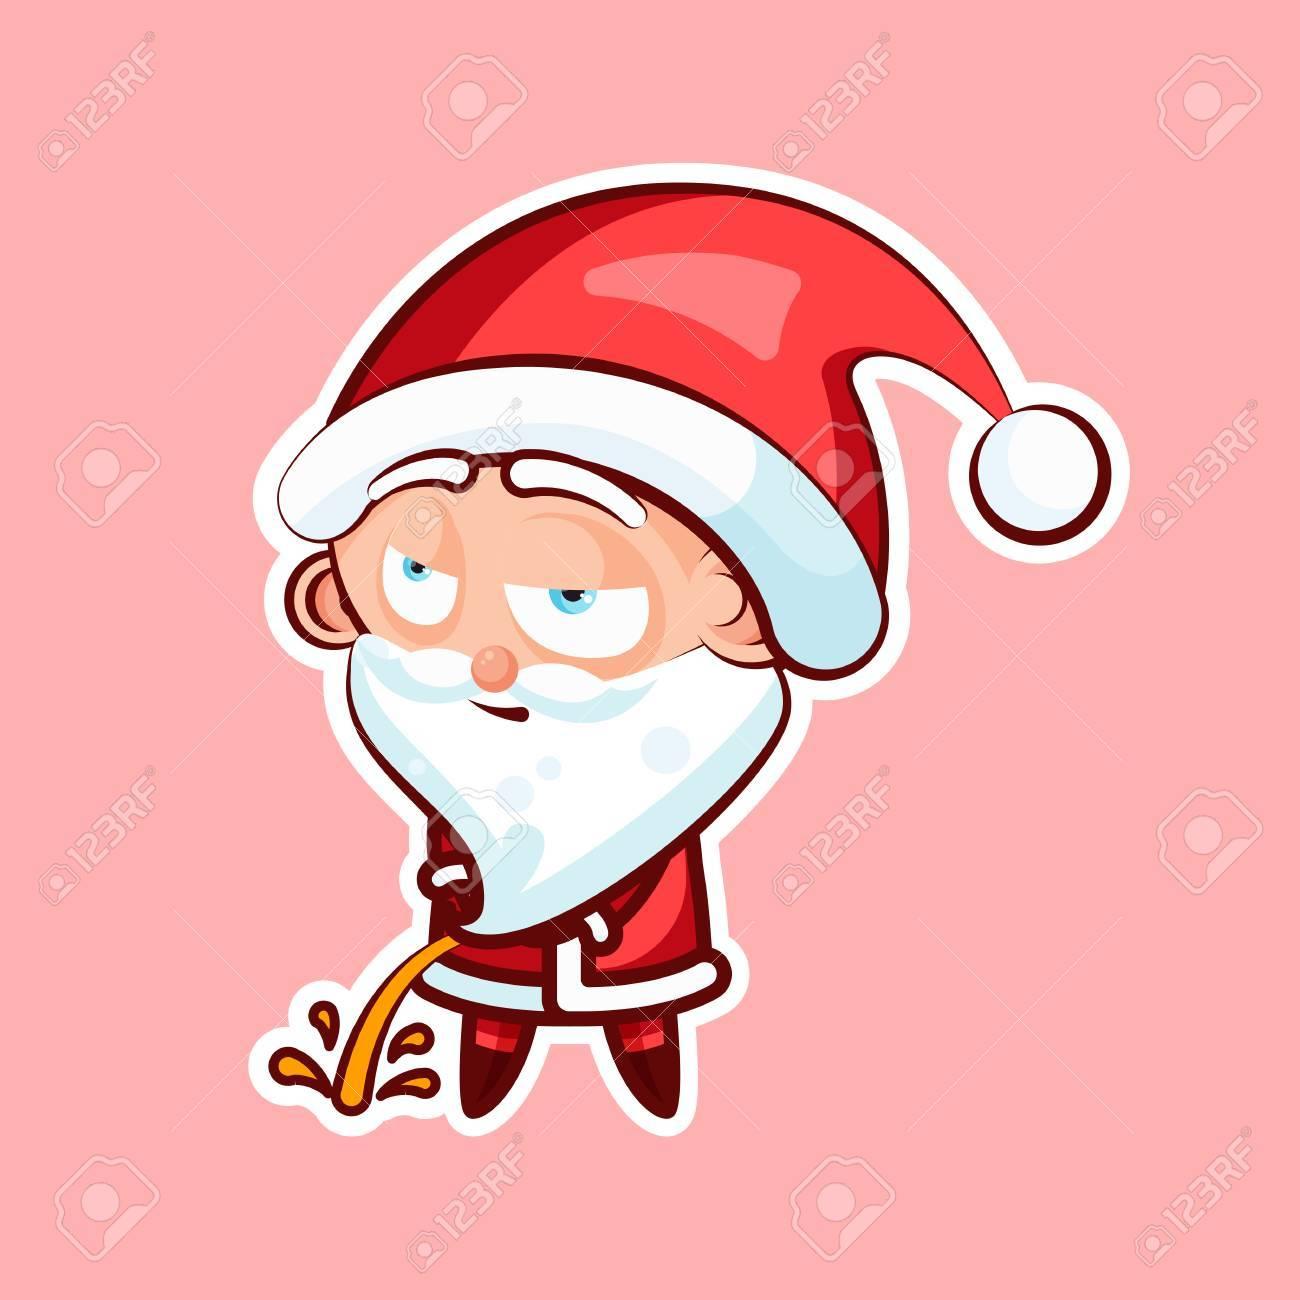 aufkleber emoji, gefühlpisse mit entspannter ansicht vector lokalisierte  illustration von süßen netten santa claus auf rosa hintergrund lizenzfrei  nutzbare vektorgrafiken, clip arts, illustrationen. image 85582623.  123rf